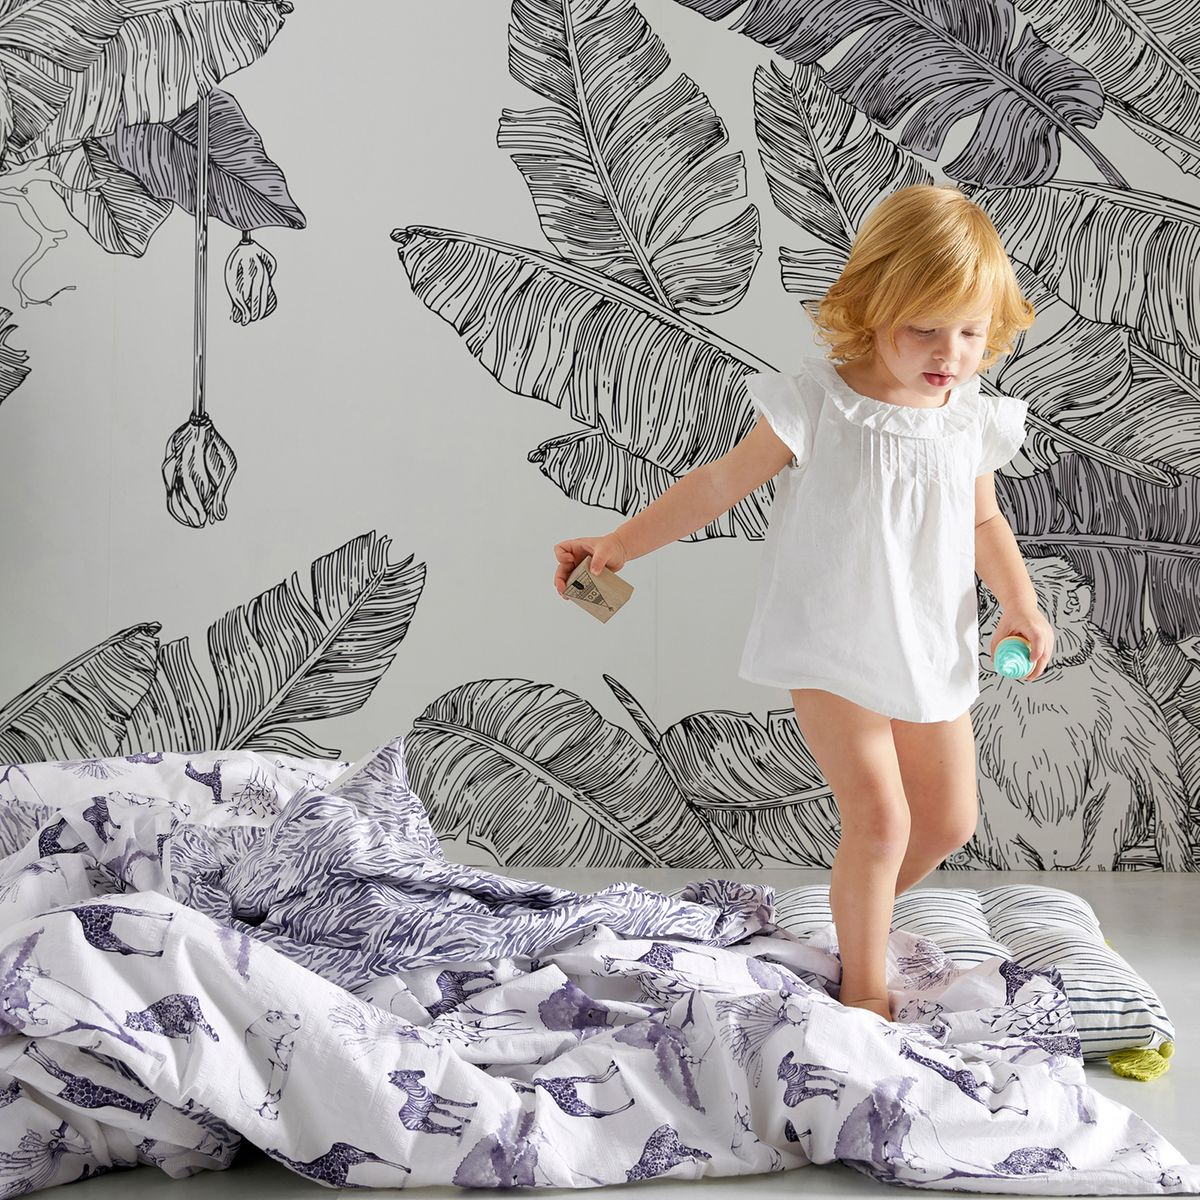 Papier Peint Noir Et Blanc Graphique 10 papiers peints panoramiques pour styliser son intérieur